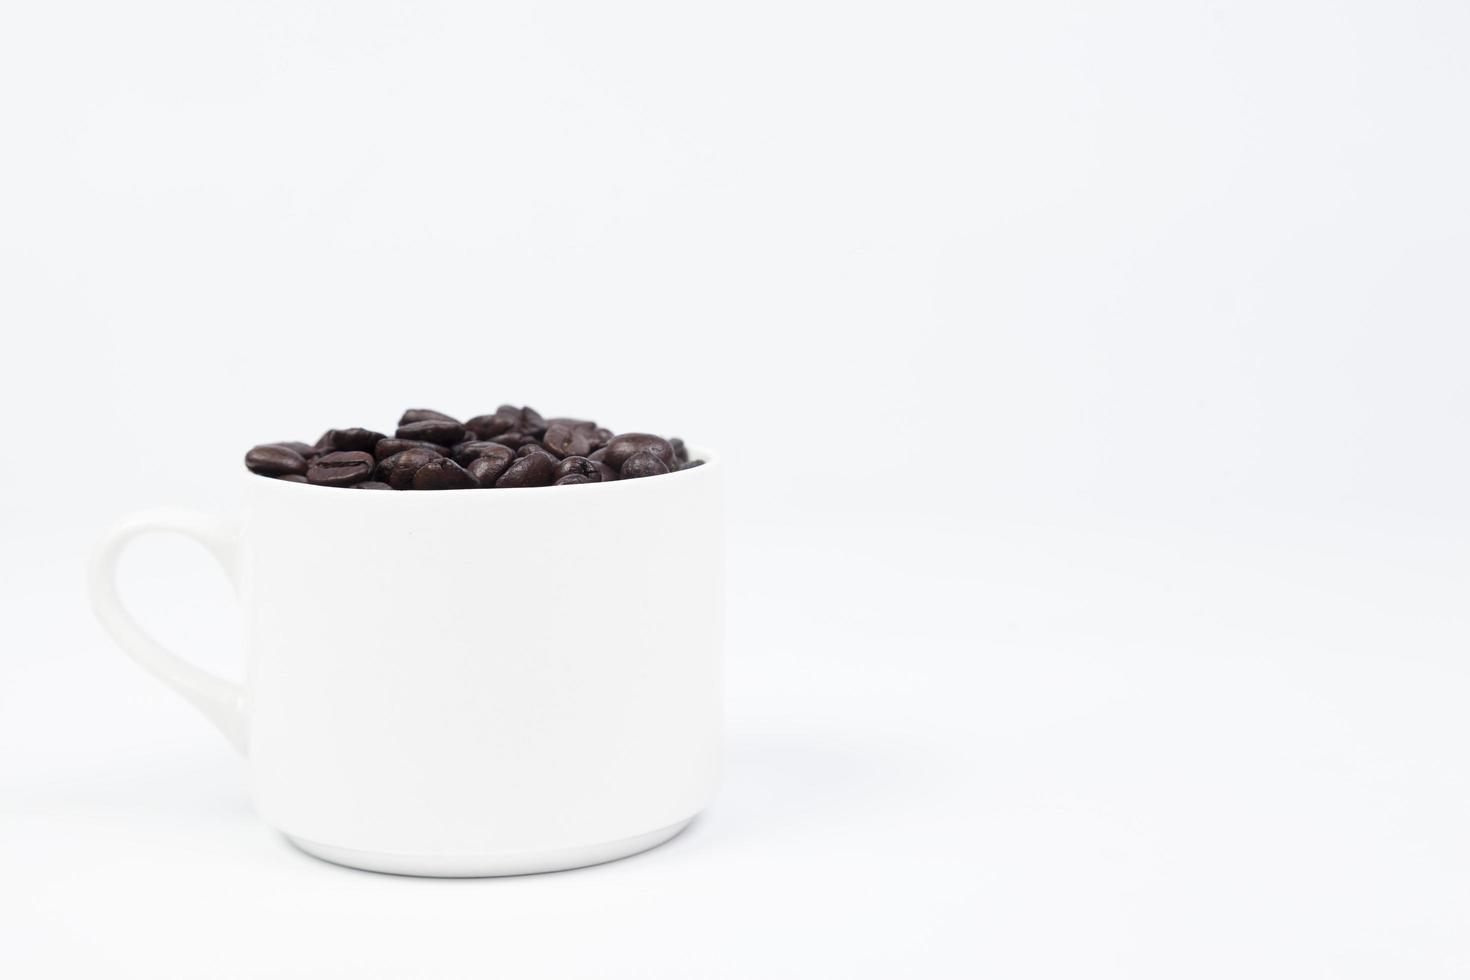 tasse avec des grains de café sur fond blanc photo